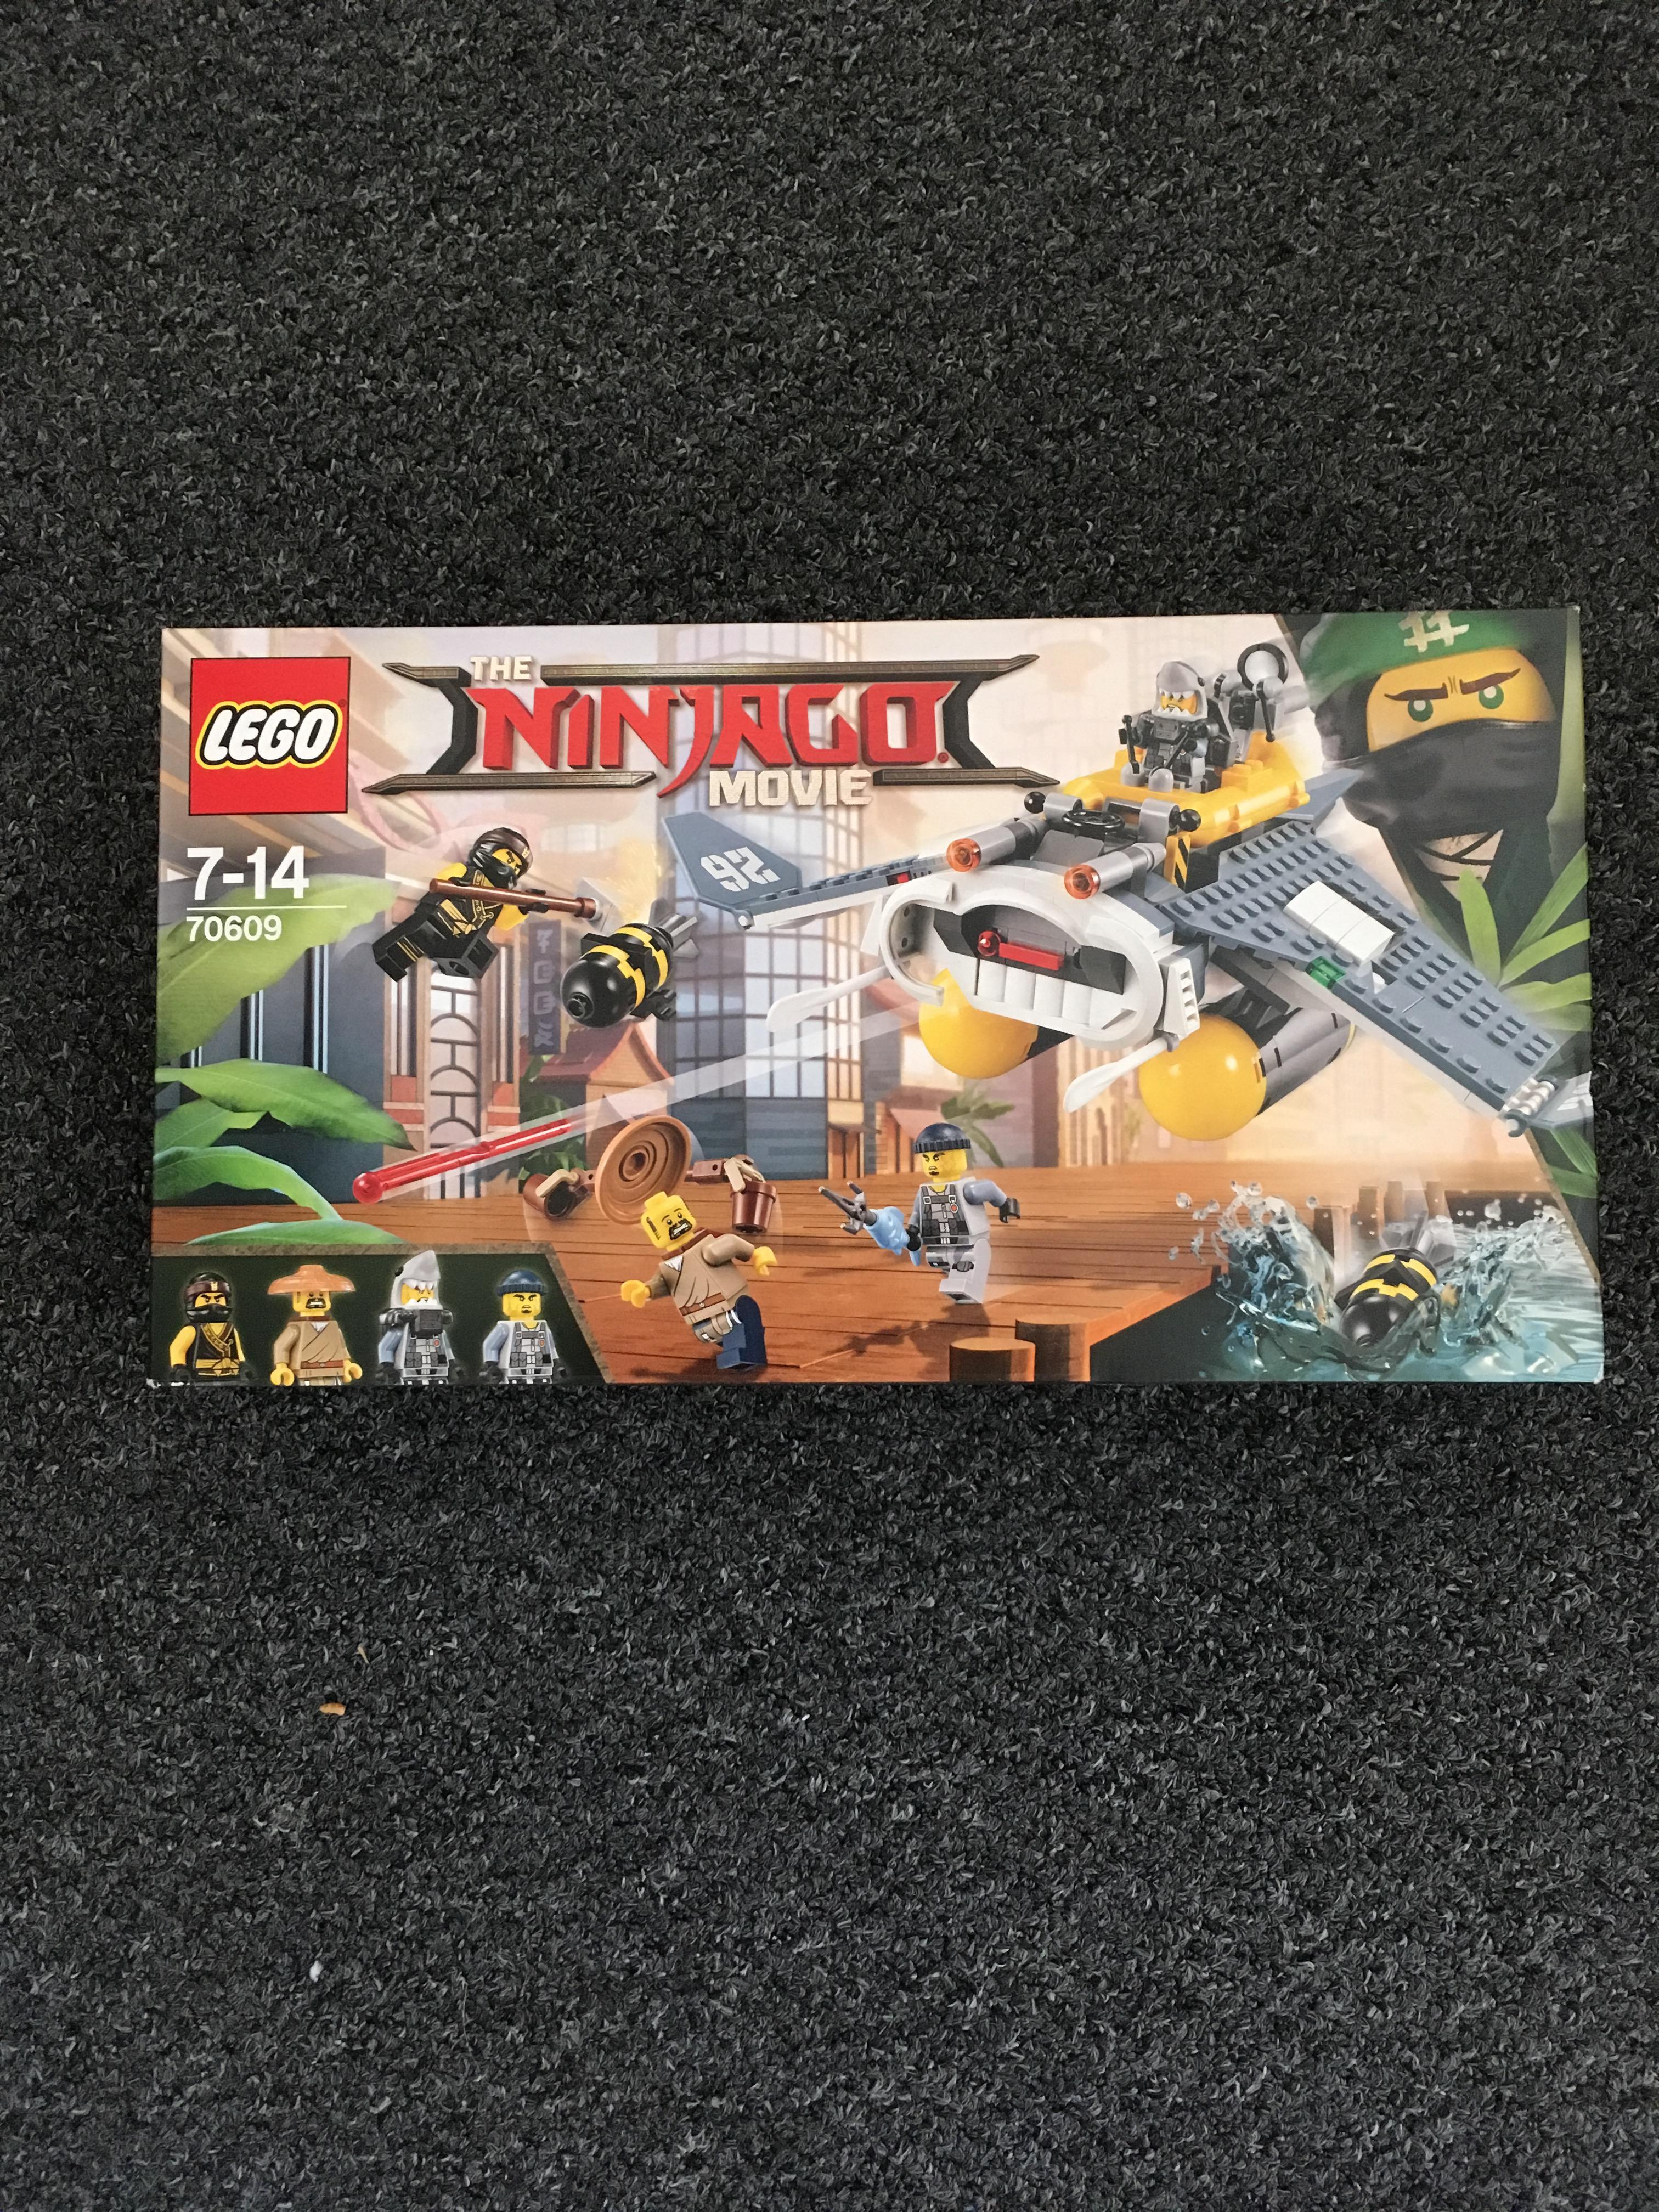 LEGO NINKAGO MOVIE 70609 REDUCE TO CLEAR MANTA RAY BOMBER £4.80 instore @ Tesco